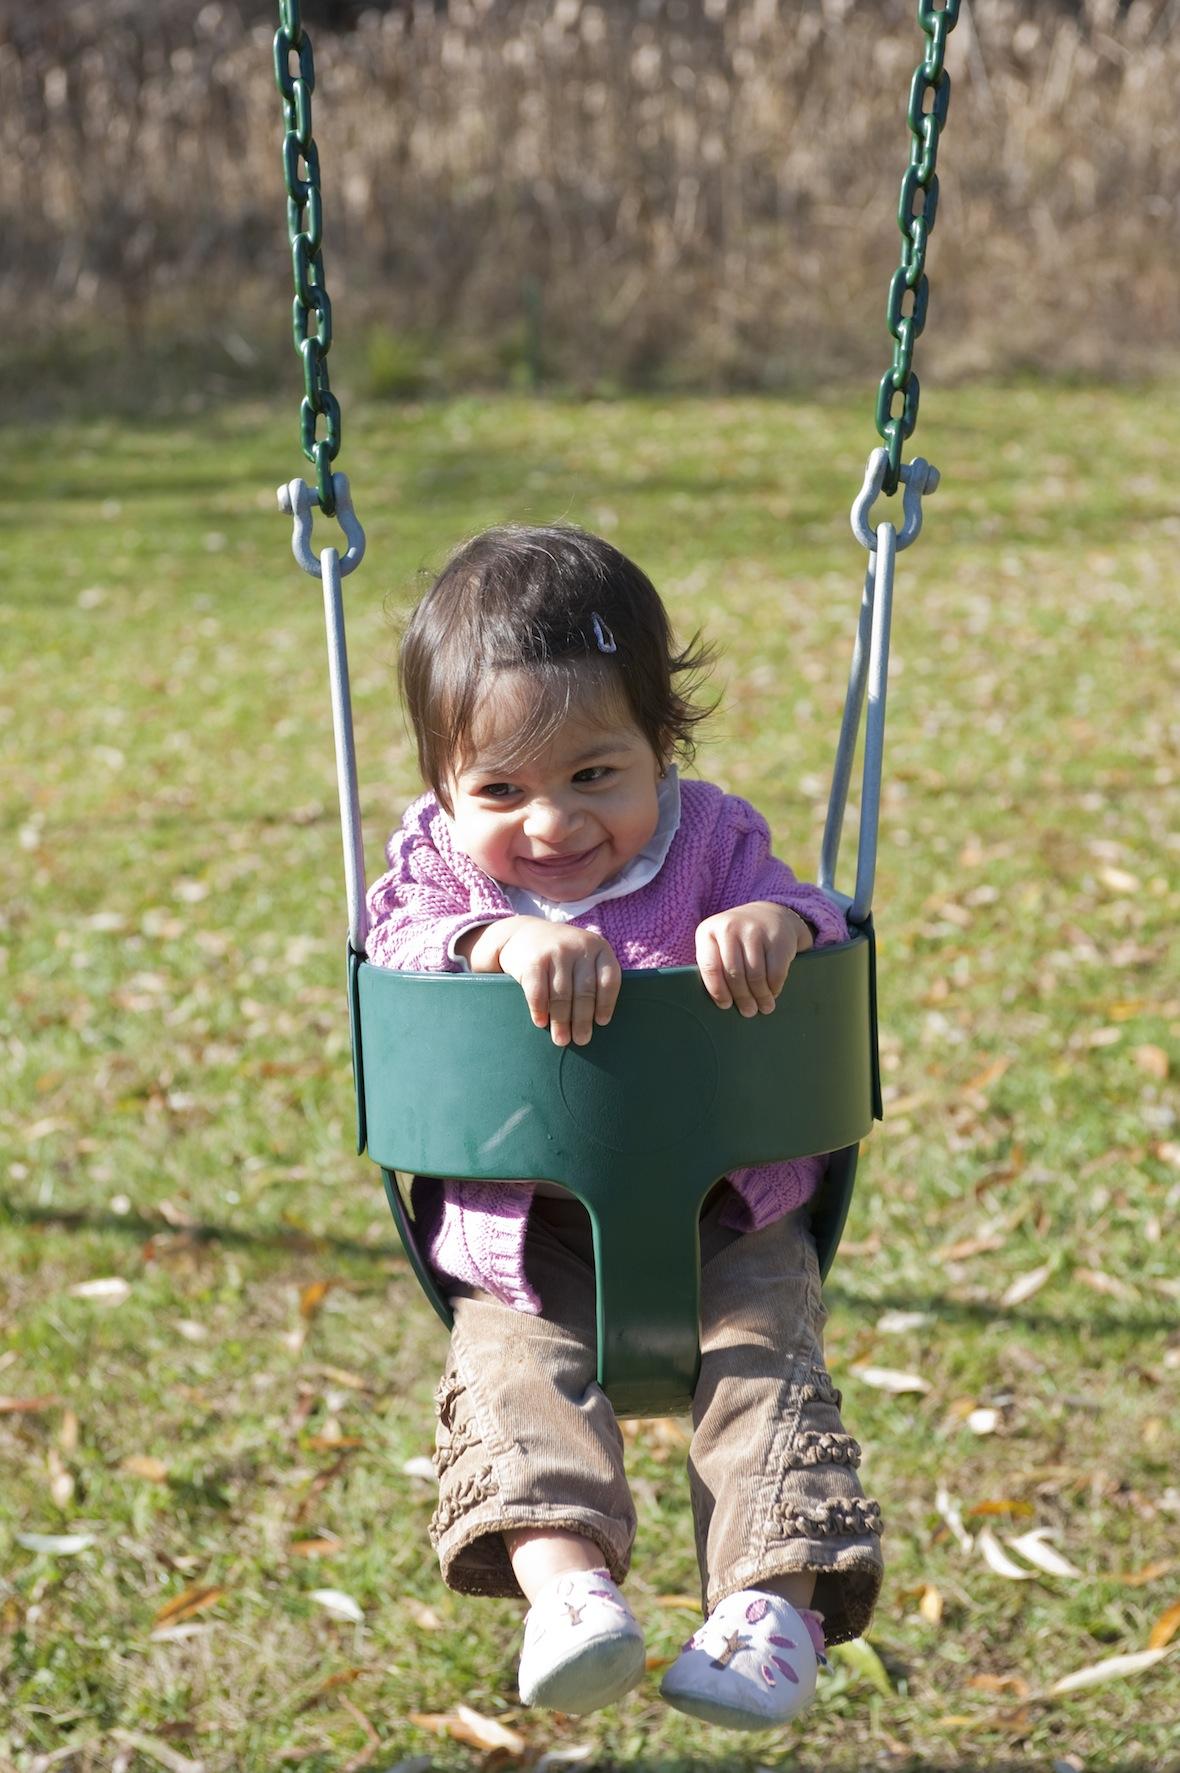 Vestibular Activities For Babies The Motor Story